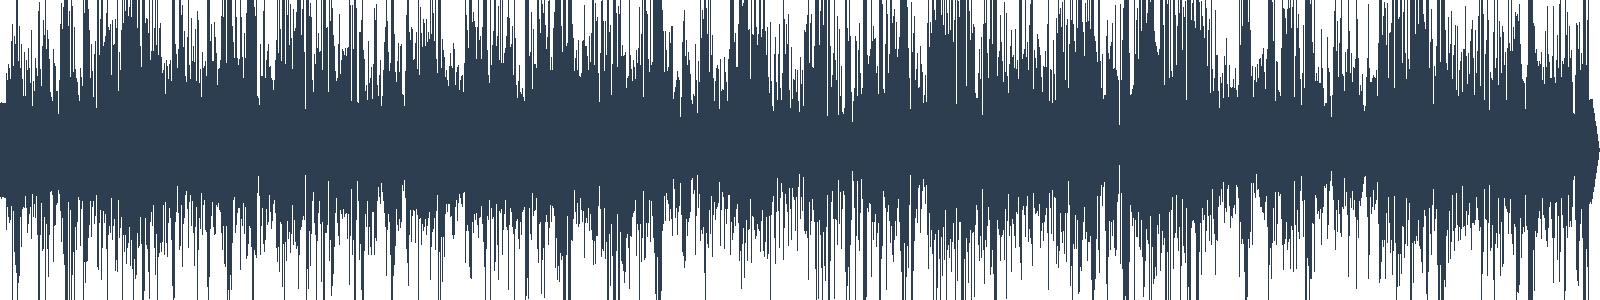 Audinovinky 45 - Motivace na cestách waveform